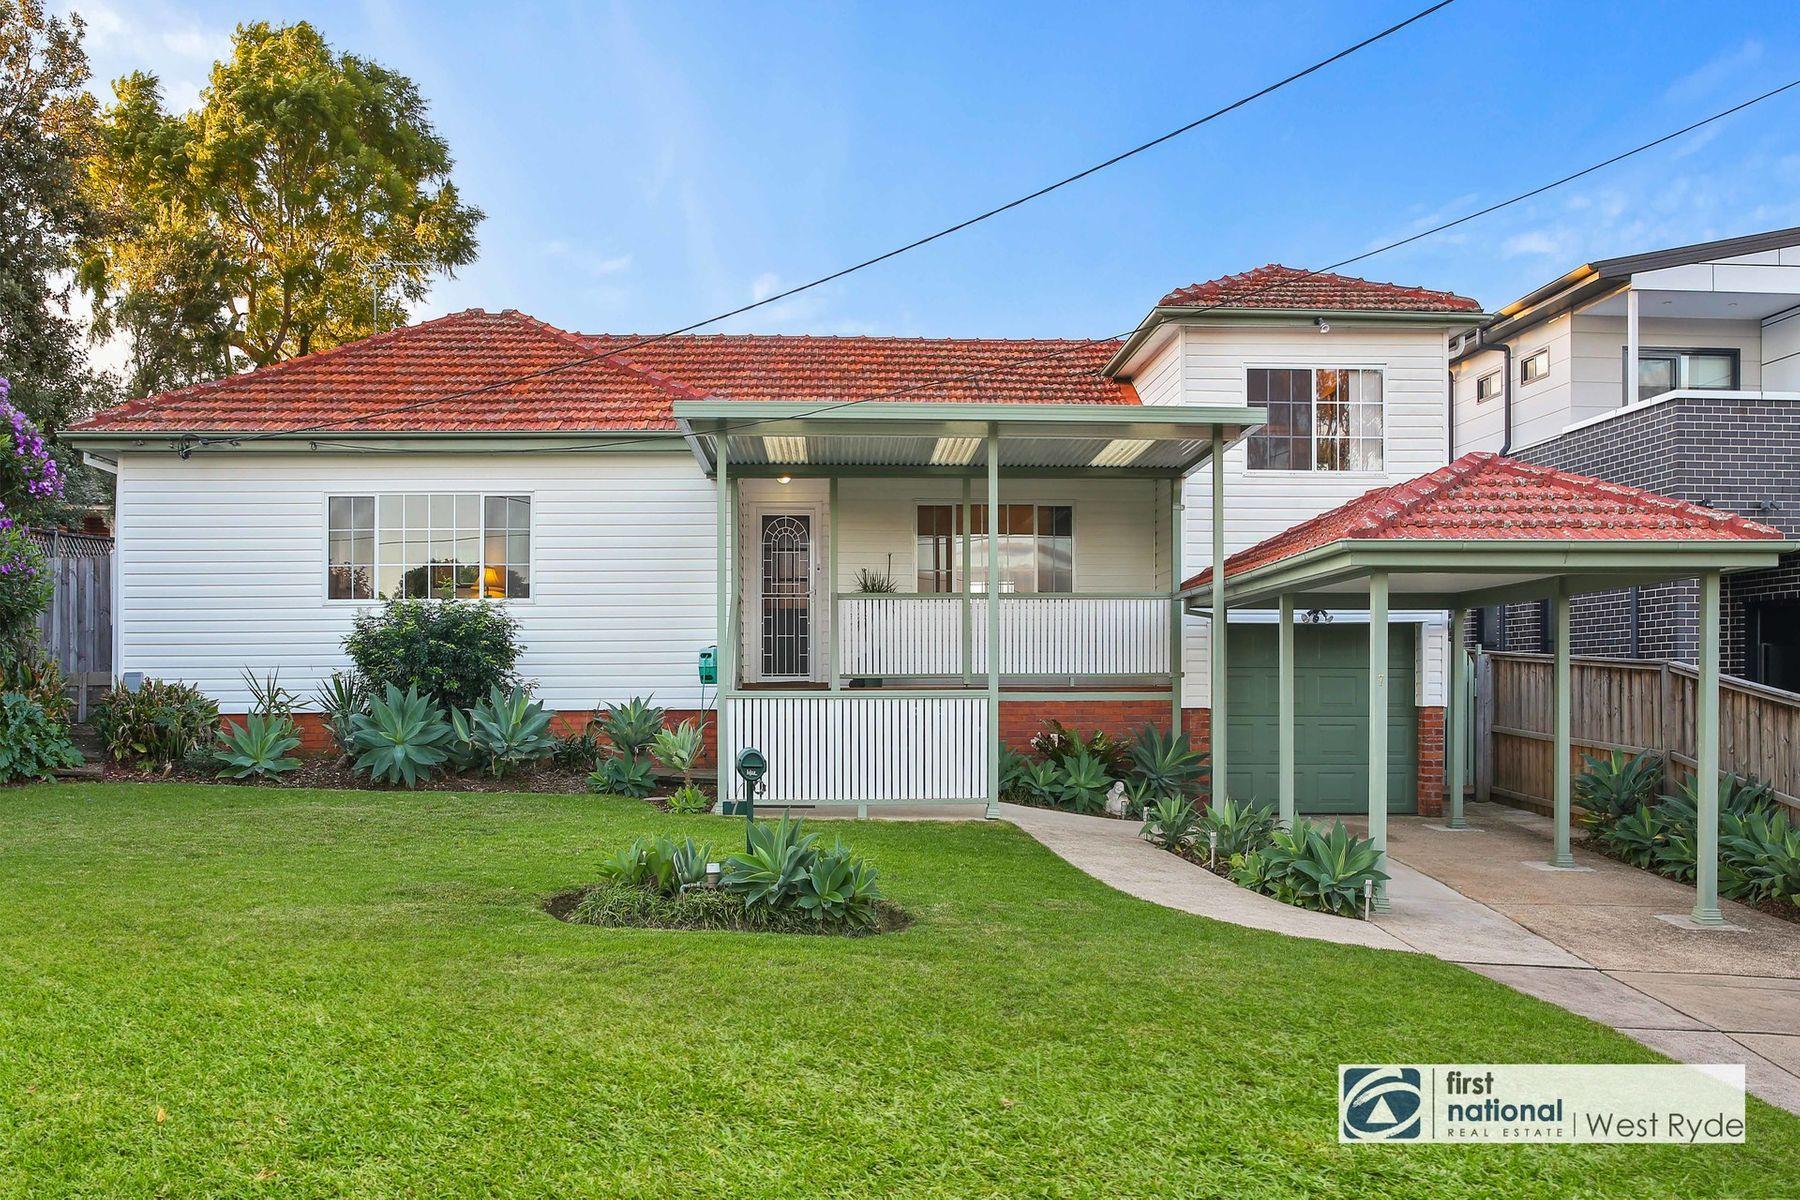 7 Wylde Street, Telopea, NSW 2117